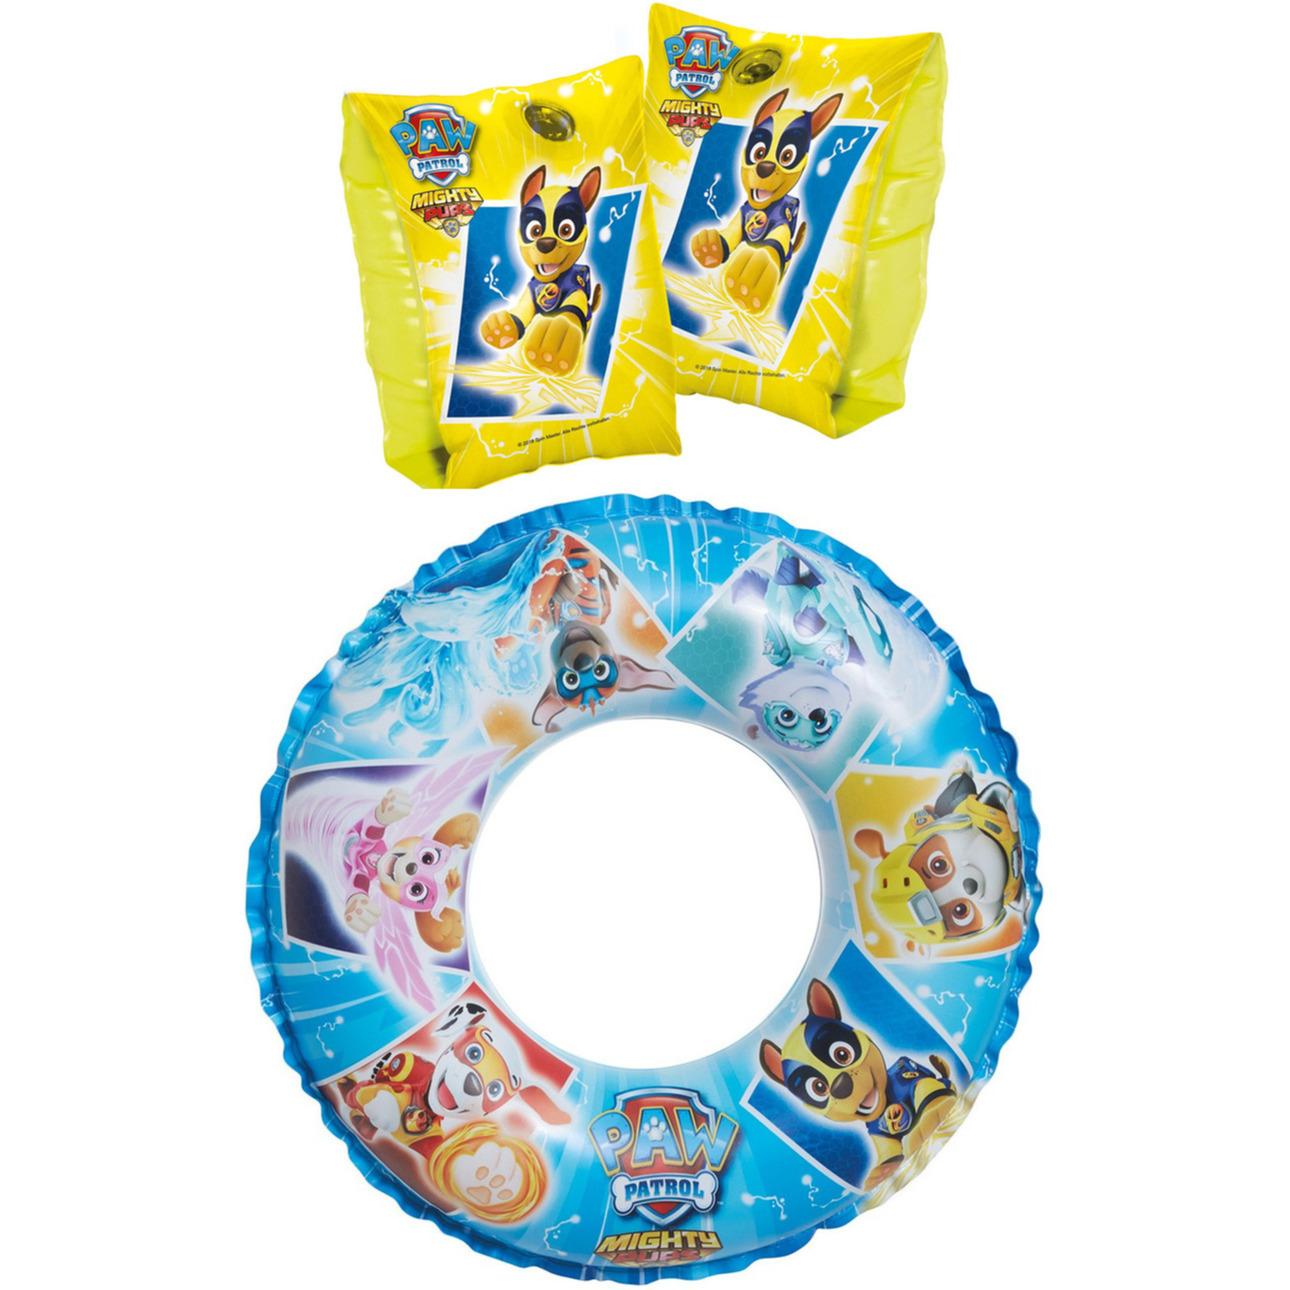 Paw patrol zwembad speelgoed set zwemband en gele zwemmouwtjes 3 6 jaar